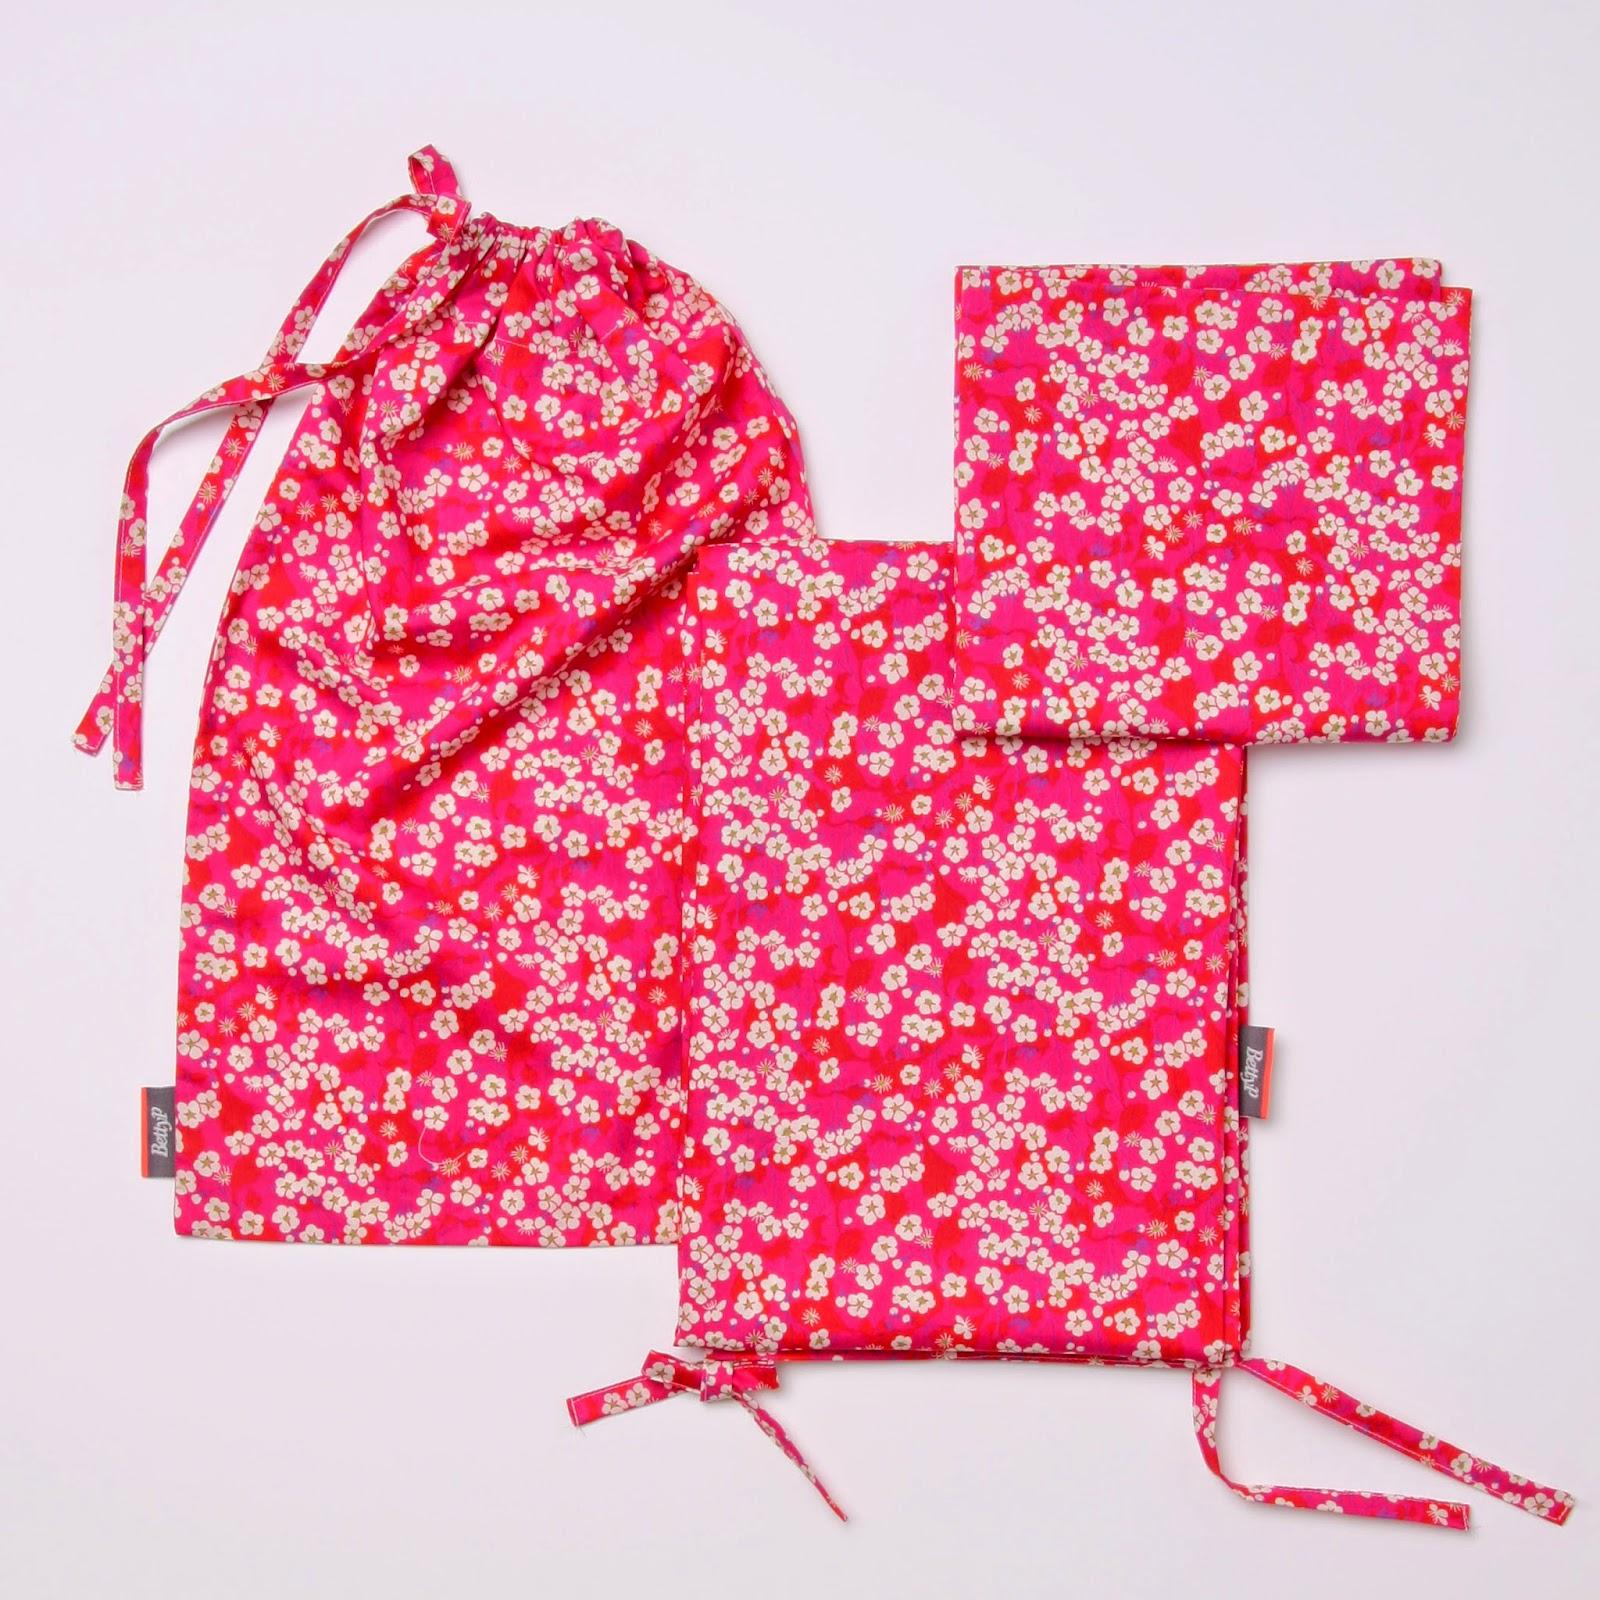 Baby sengetøj i Liberty Mitsi pink bestående af babydyne betræk, baby hovedpude betræk og syet pose.